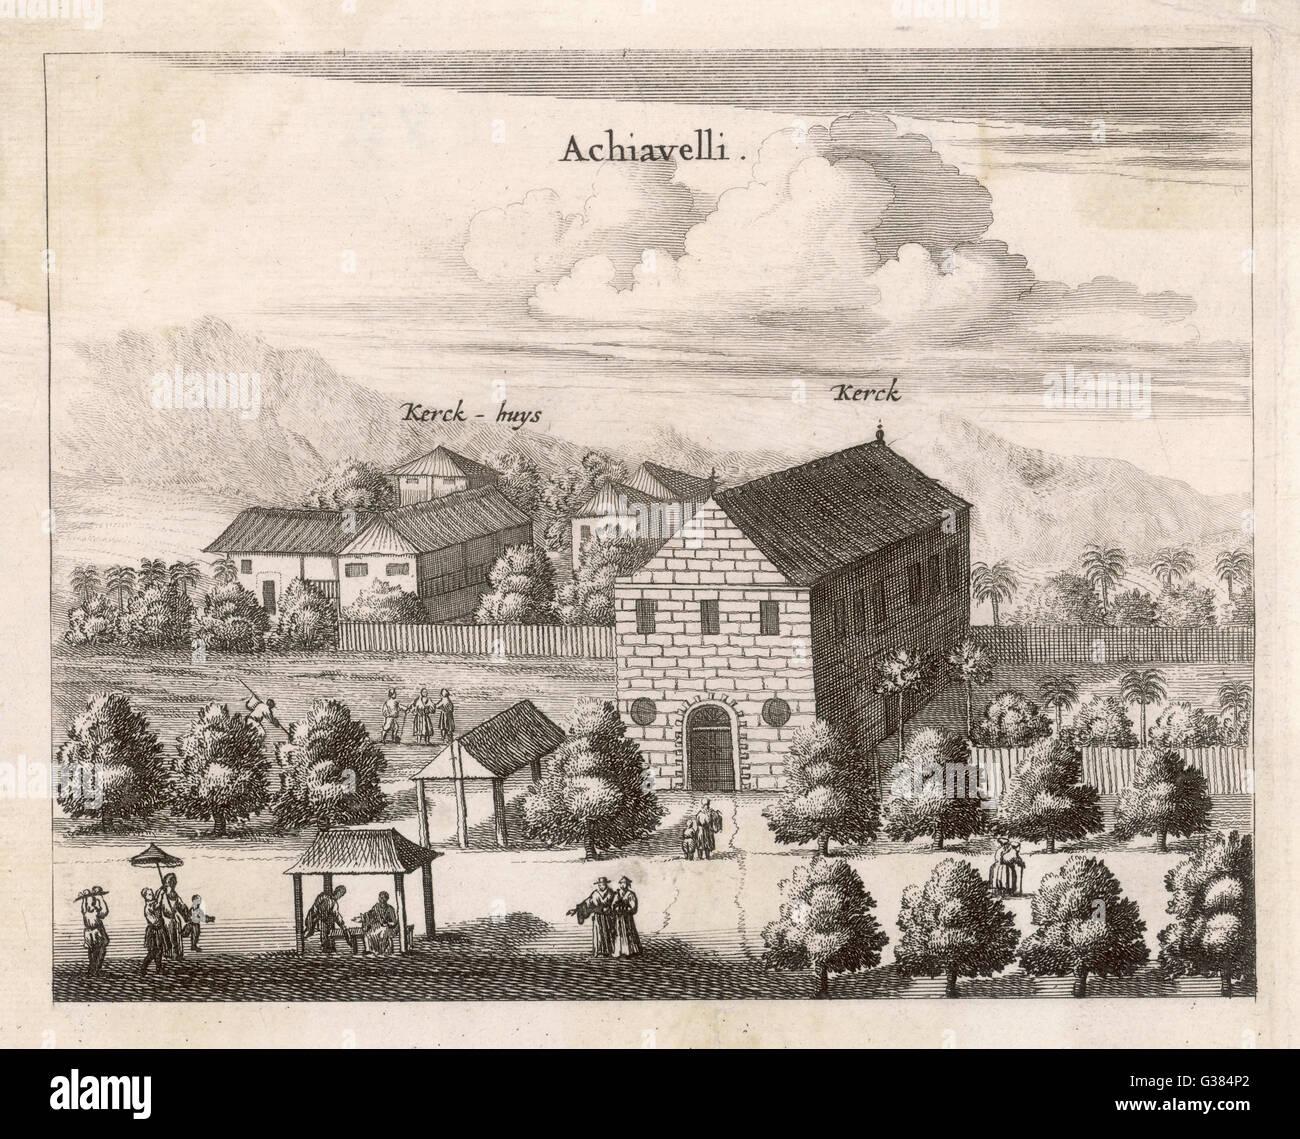 Insediamento olandese a Ceylon data: 1682 Immagini Stock